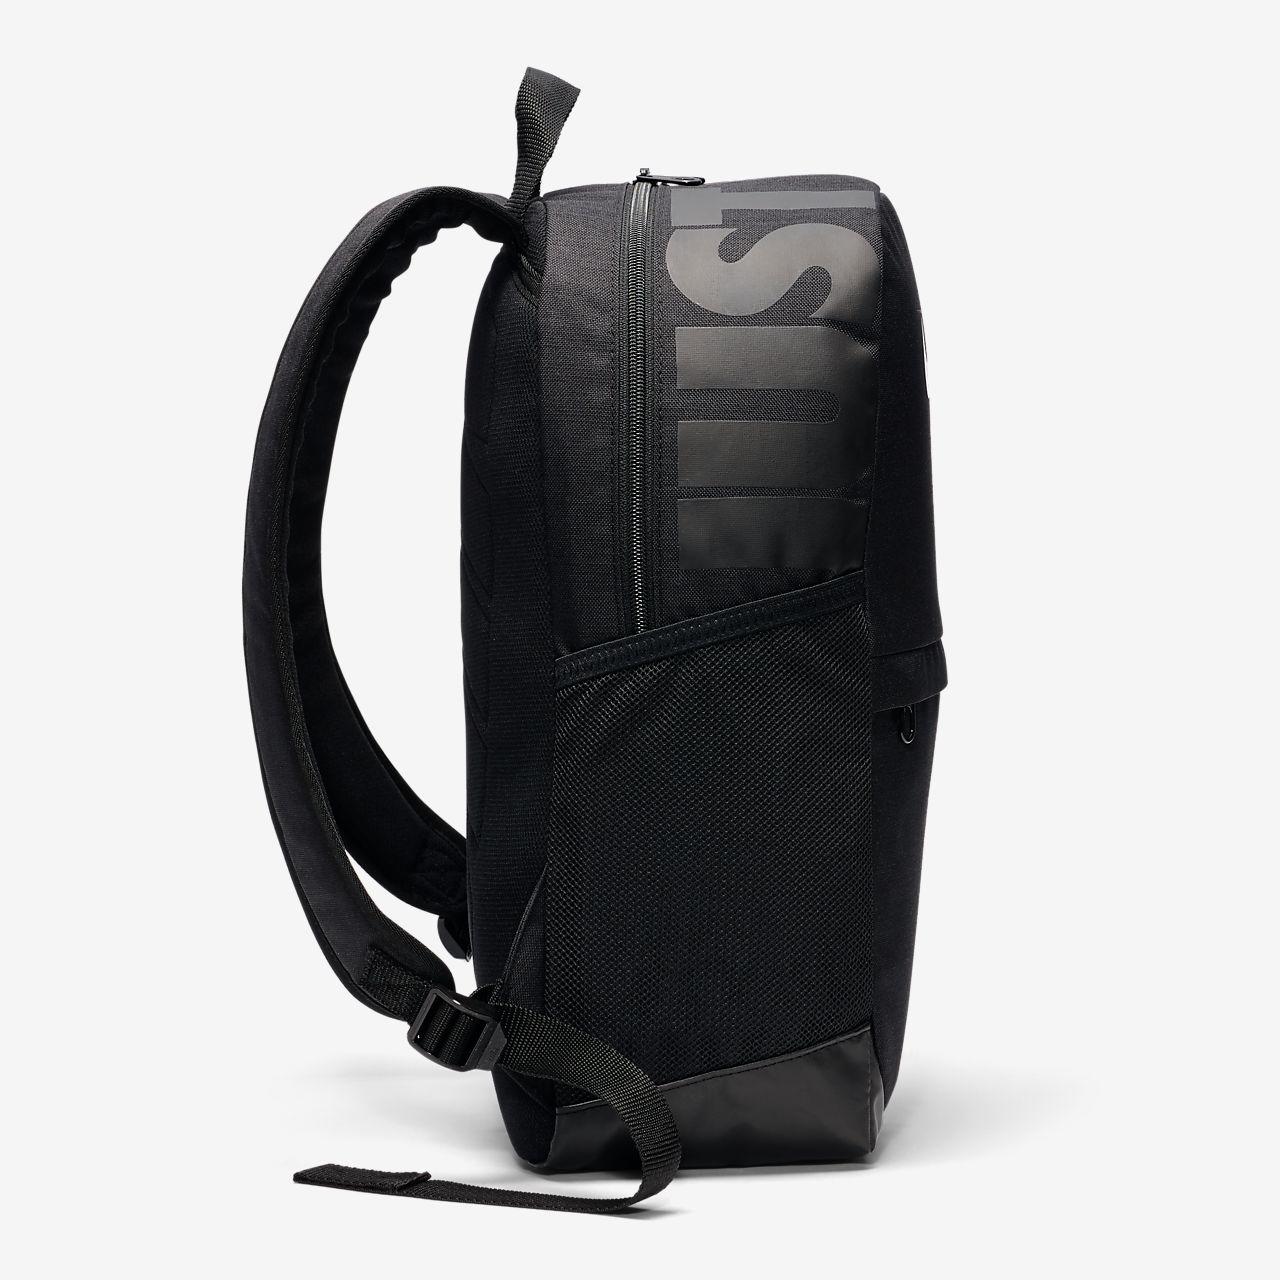 60a6ad0aef52 Nike Brasilia Kids  Backpack. Nike Brasilia